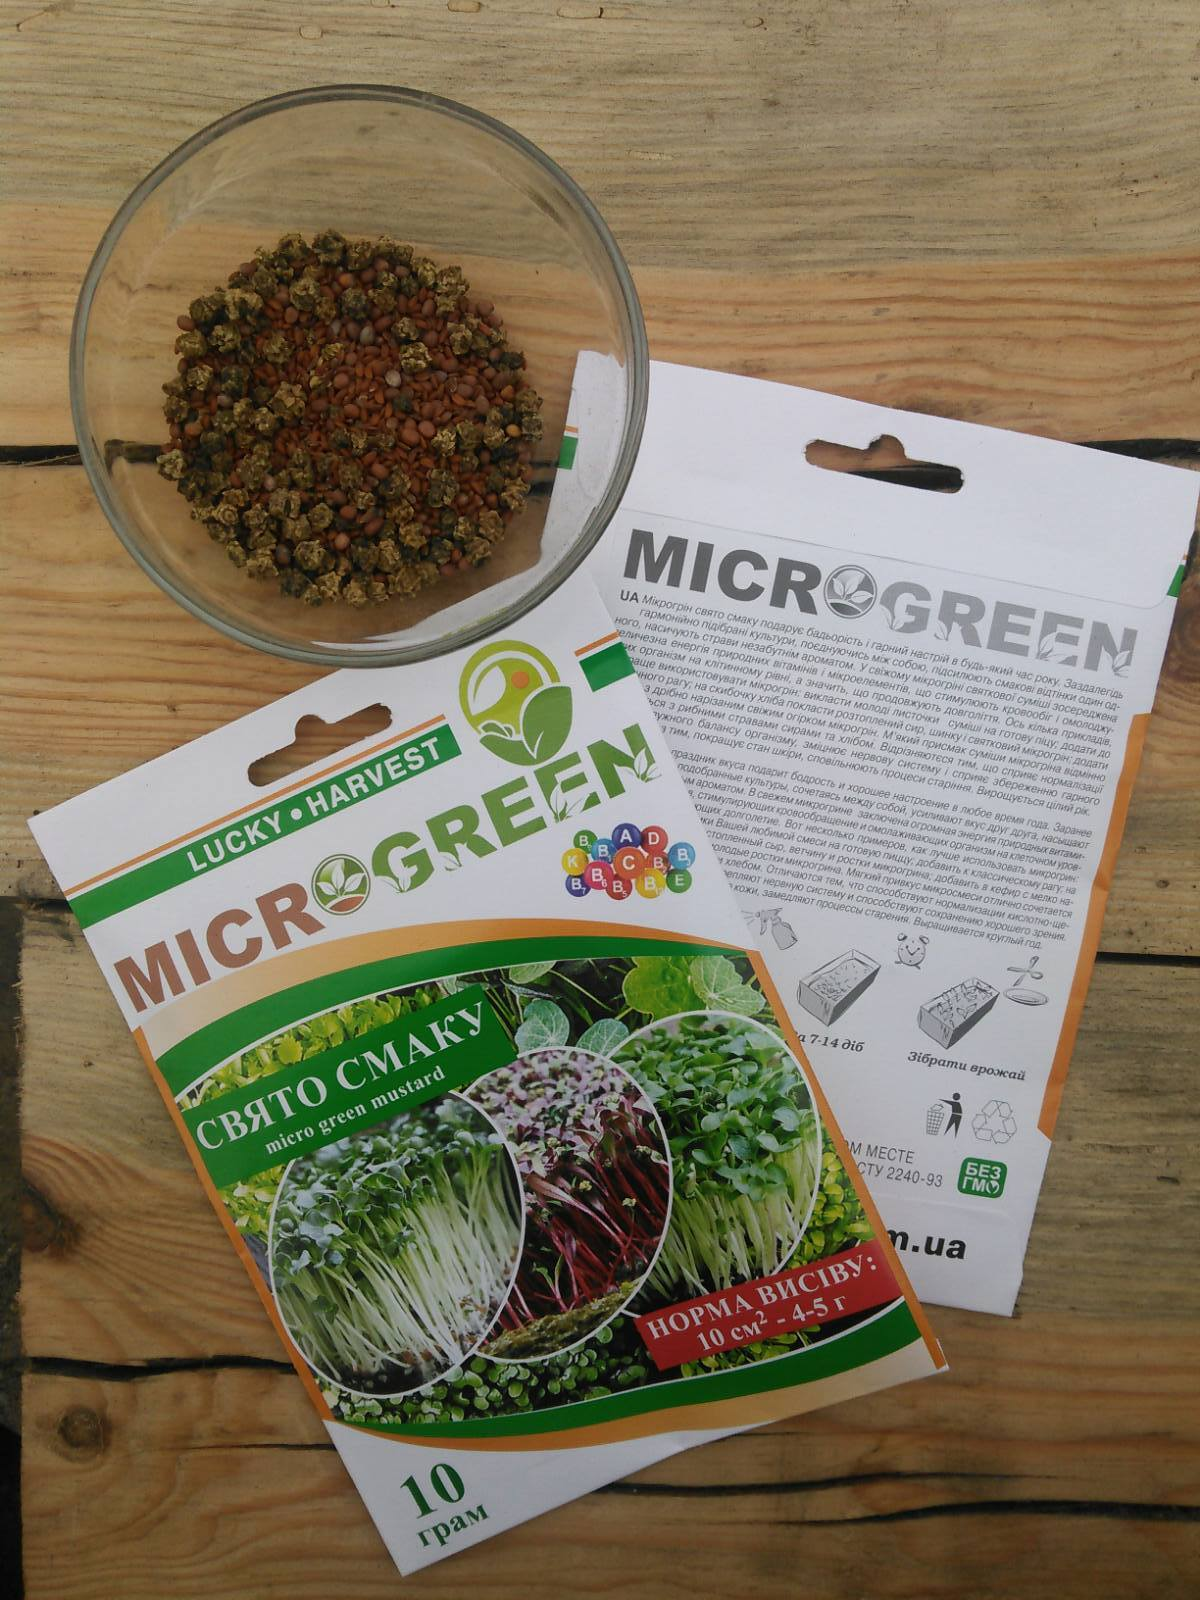 MICROGREEN SET  ПРАЗДНИК ВКУСА  для выращивания микрозелени ТМ LUCKY HARVEST